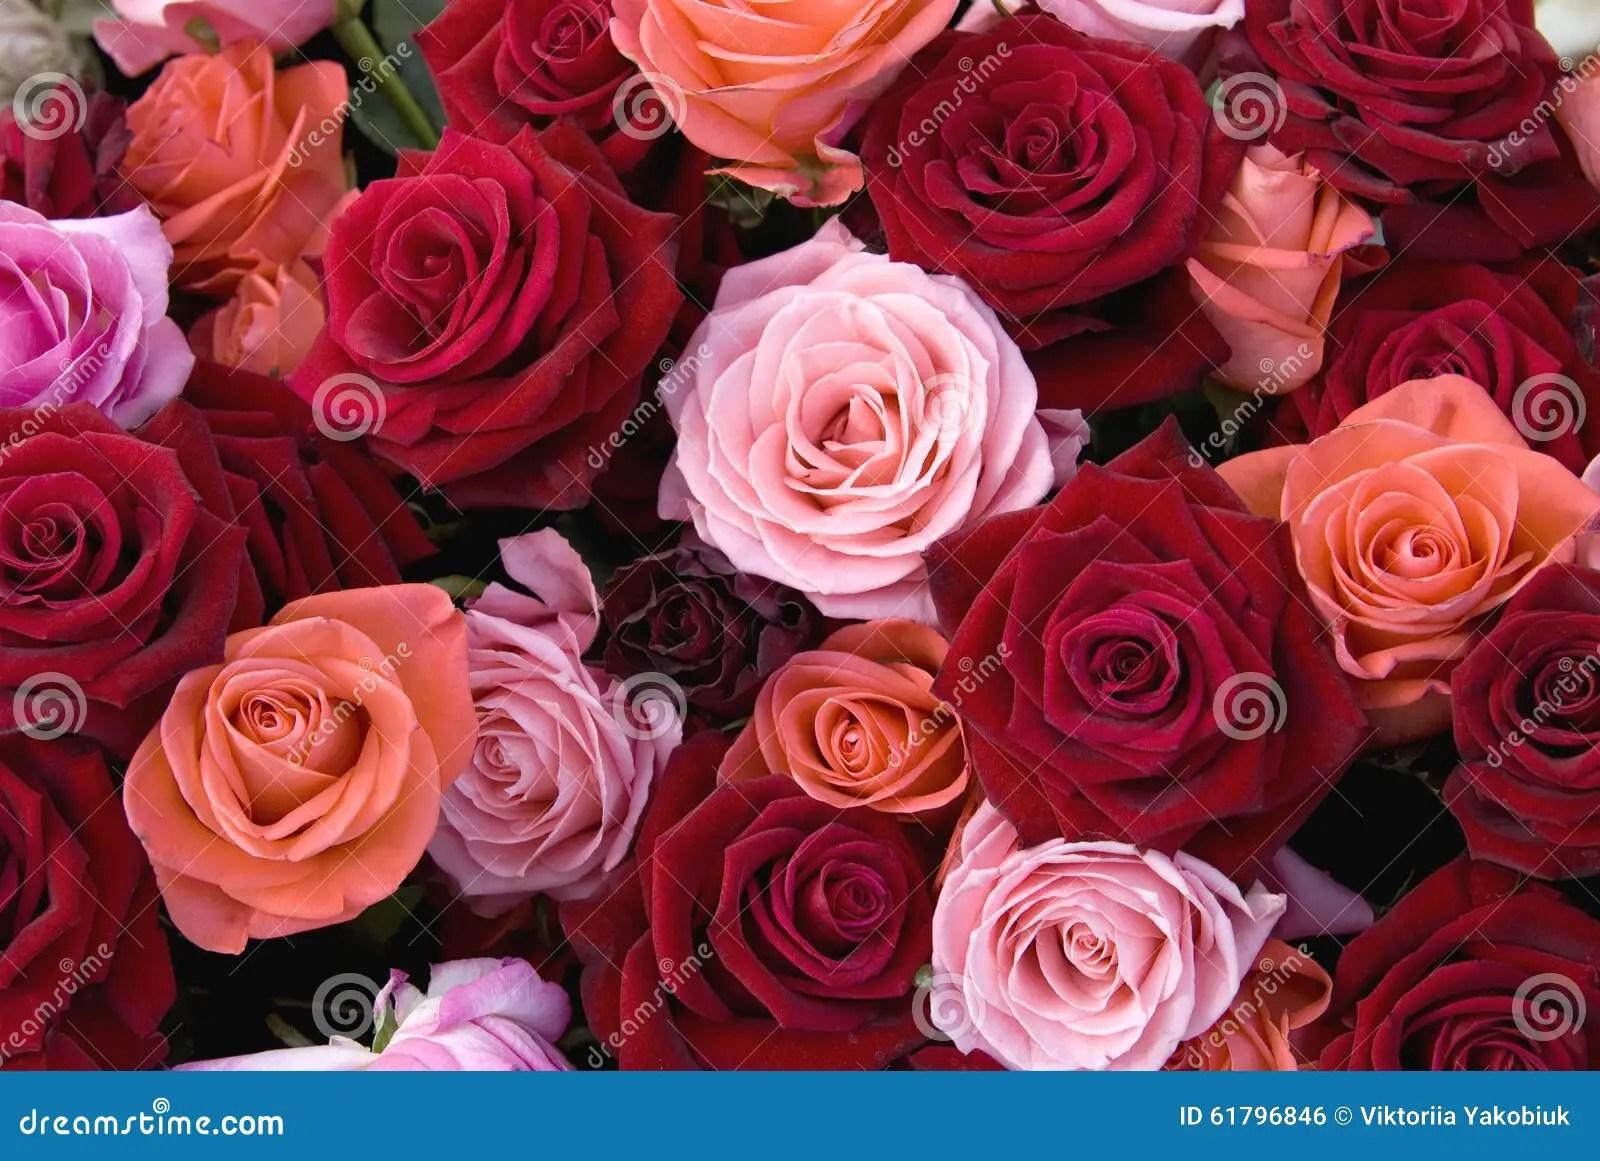 Verschiedene Farben Von Rosen Stockfoto  Bild 61796846